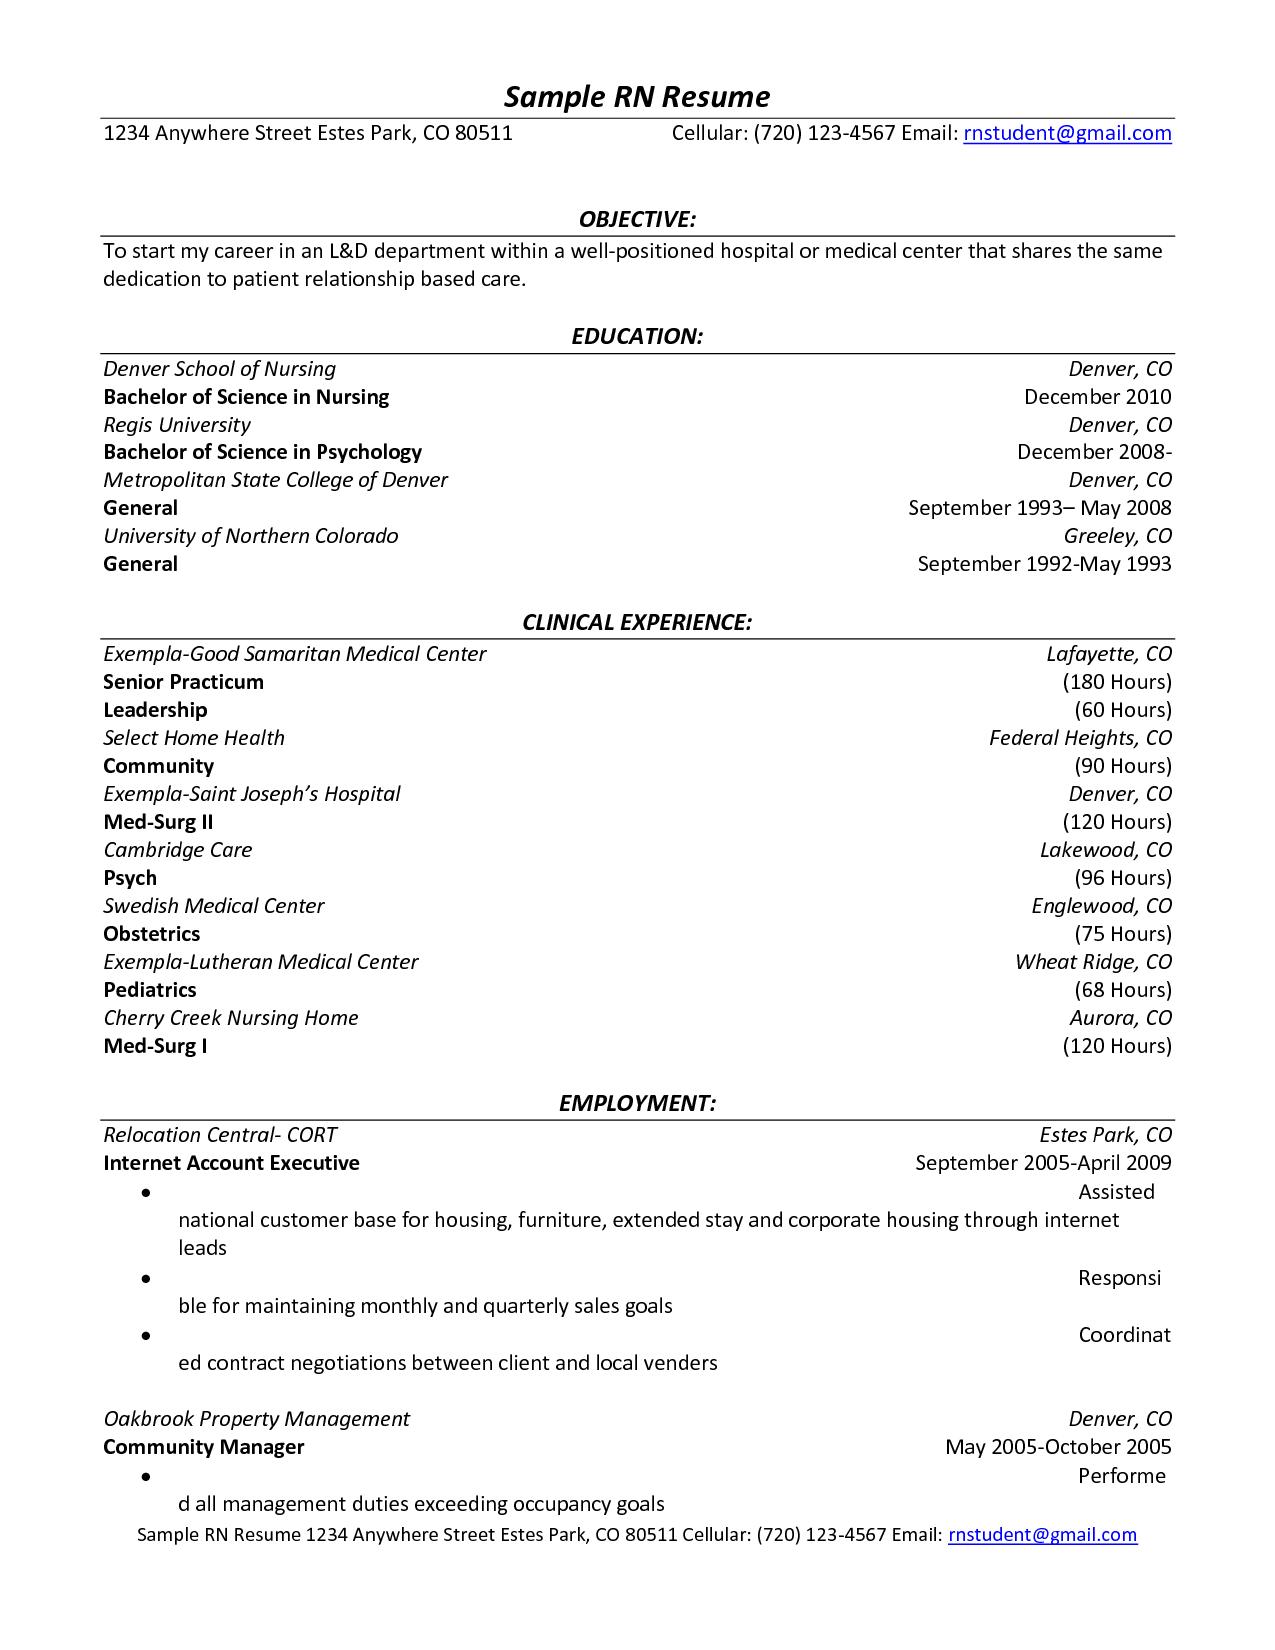 nursing resume volunteer experience